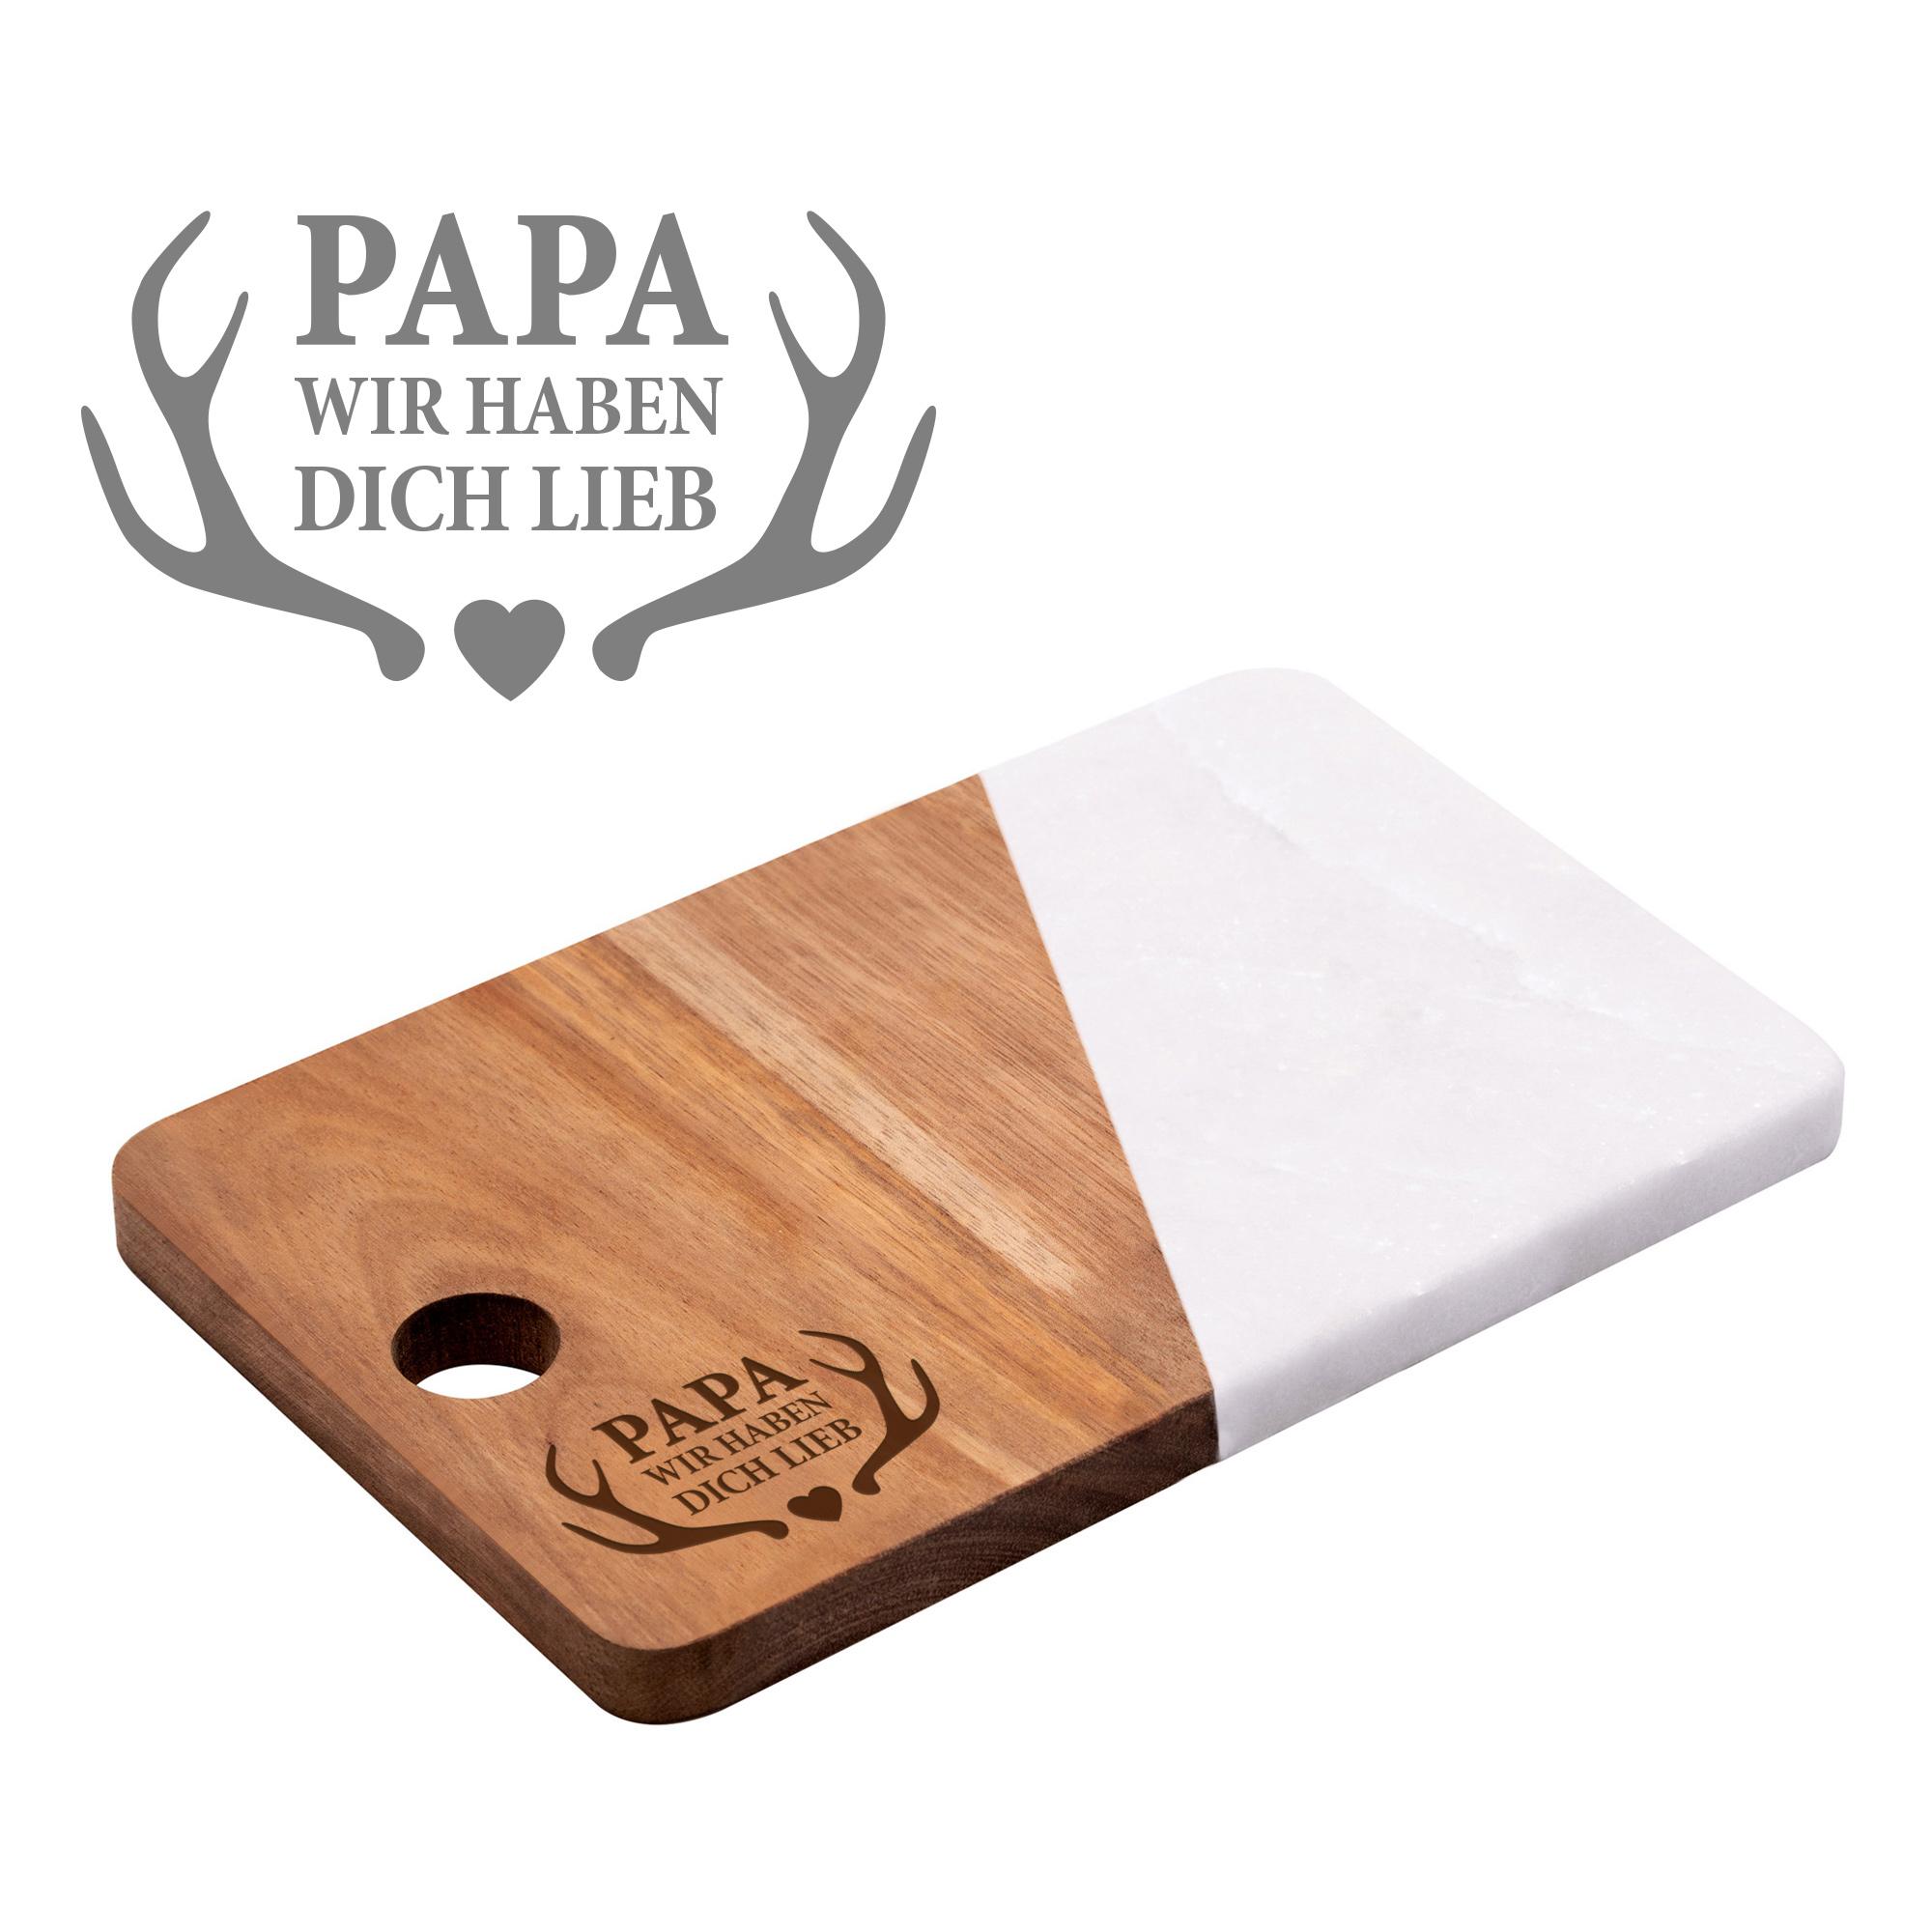 Servierbrett Marmor mit Gravur - Papa wir haben dich lieb